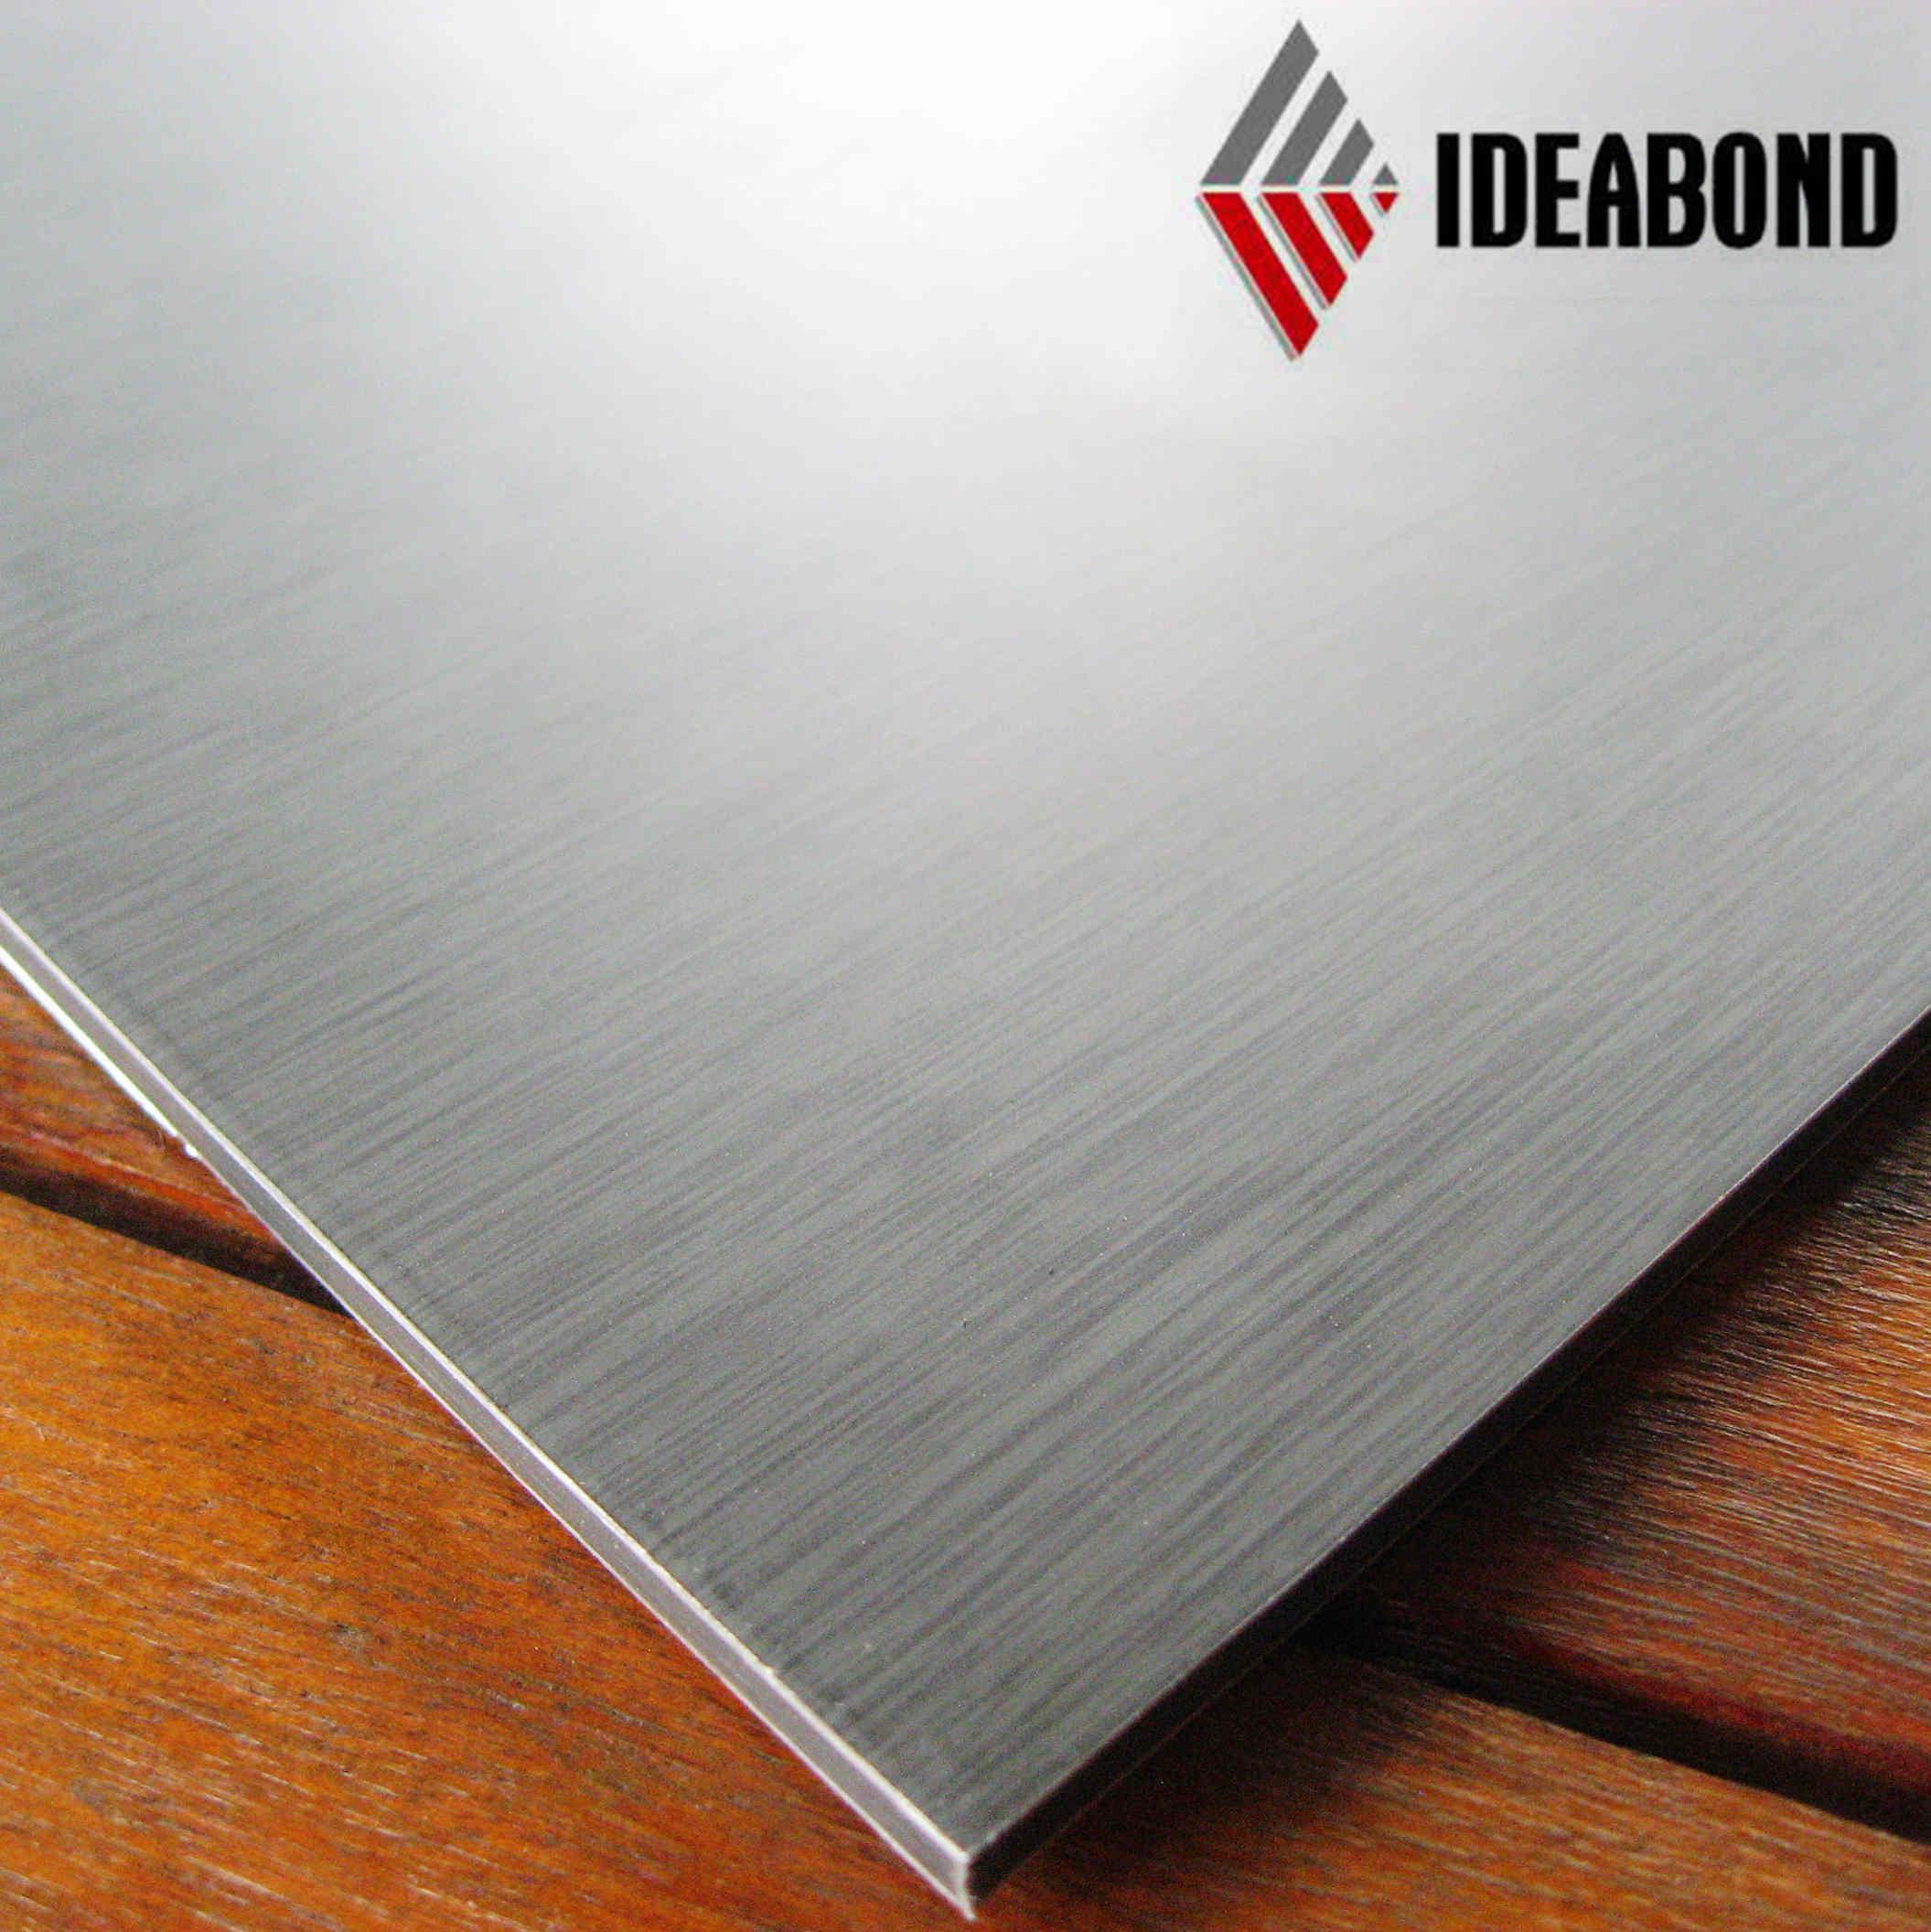 panneau composite en aluminium bross ideabond s rie acm photo sur fr made in. Black Bedroom Furniture Sets. Home Design Ideas